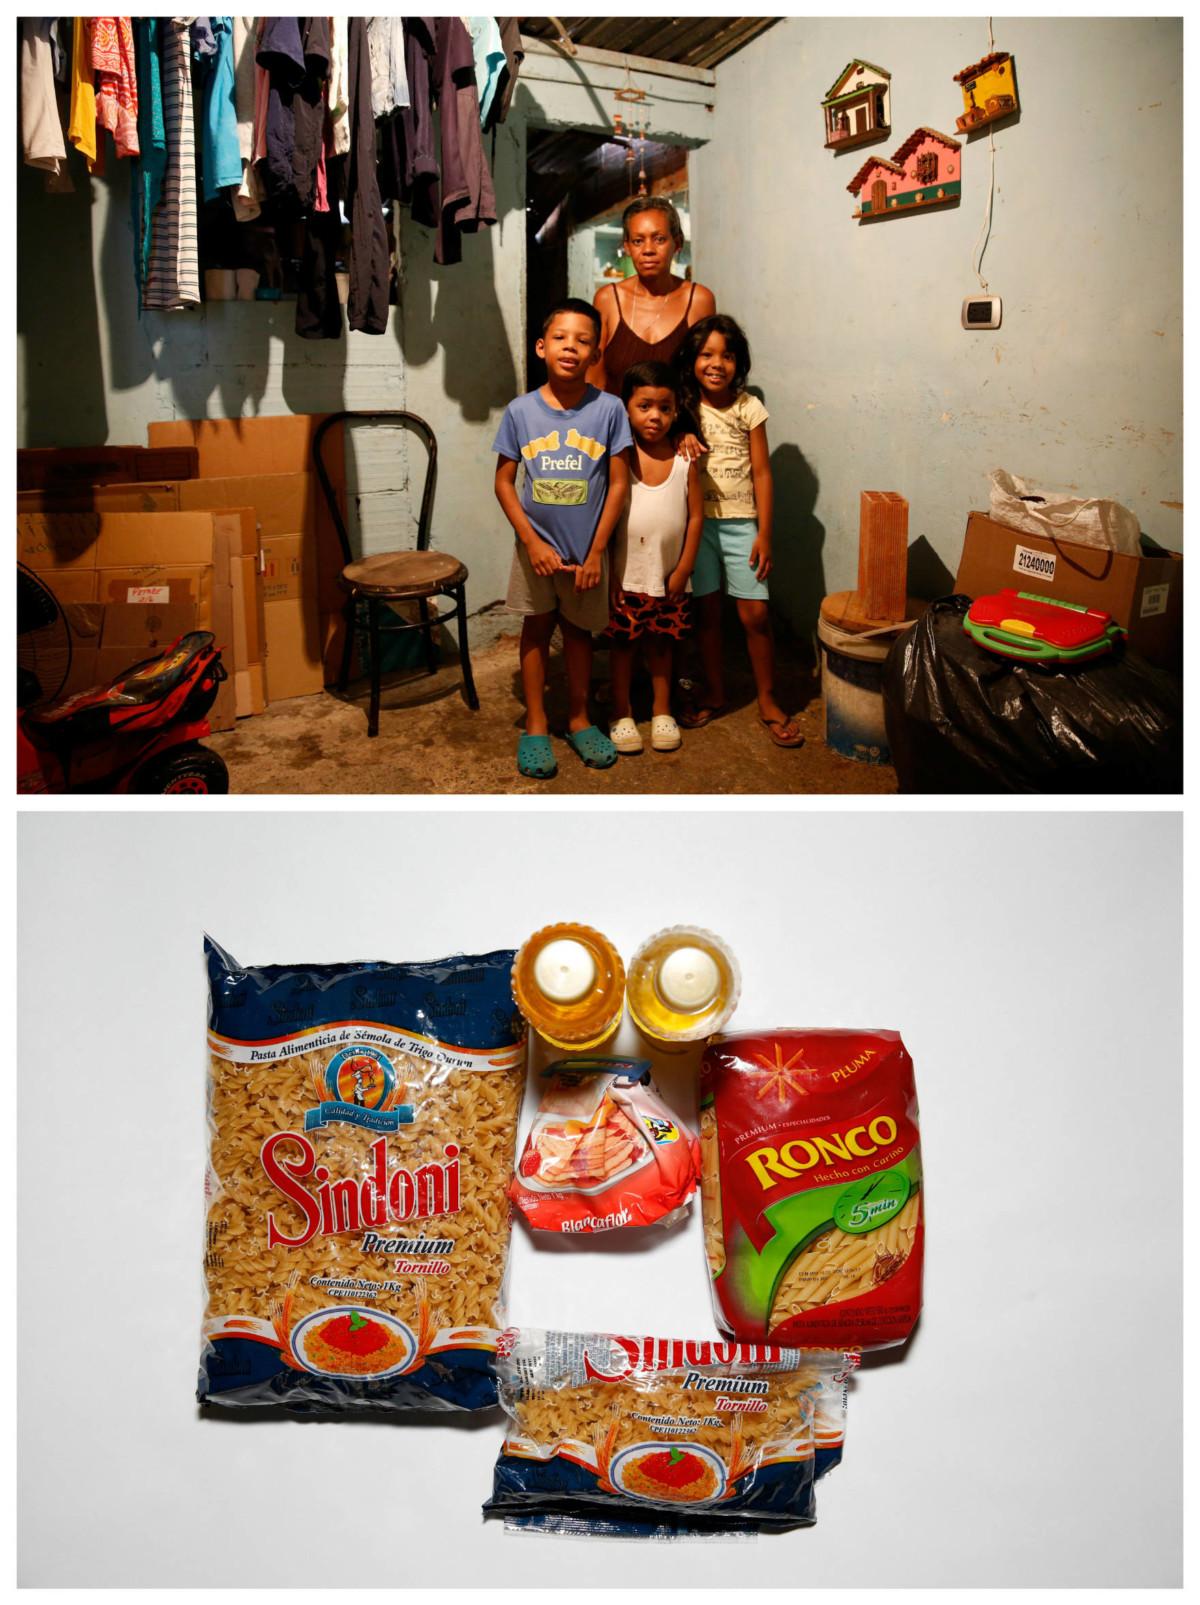 Rosa Elaisa Landaez 與親戚:「我們吃得很差,好似如果我們買到栗米粉,就全日食栗米麵包。」